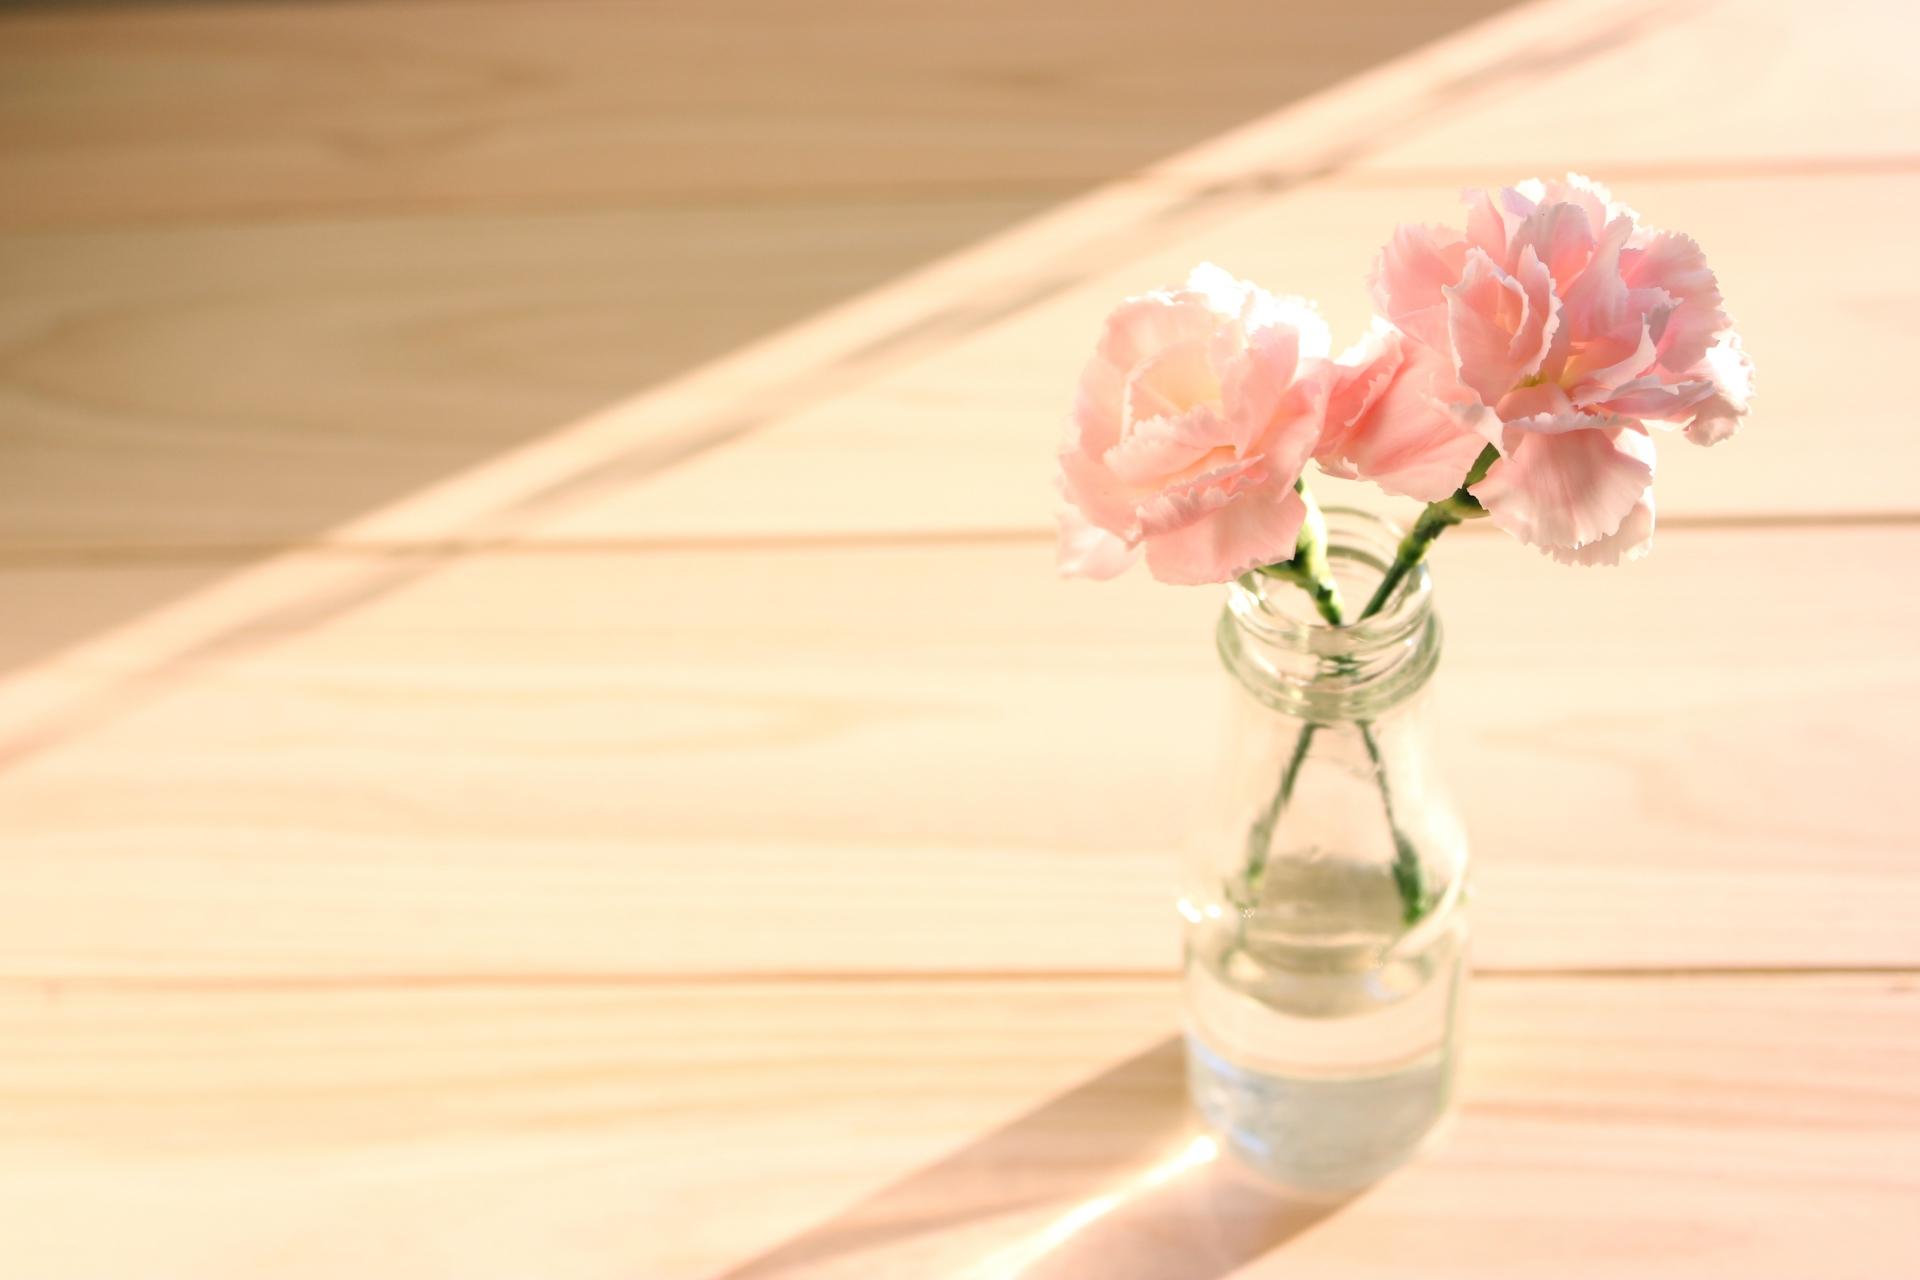 切り花のおすすめ5選&選び方【長持ちさせる方法も】